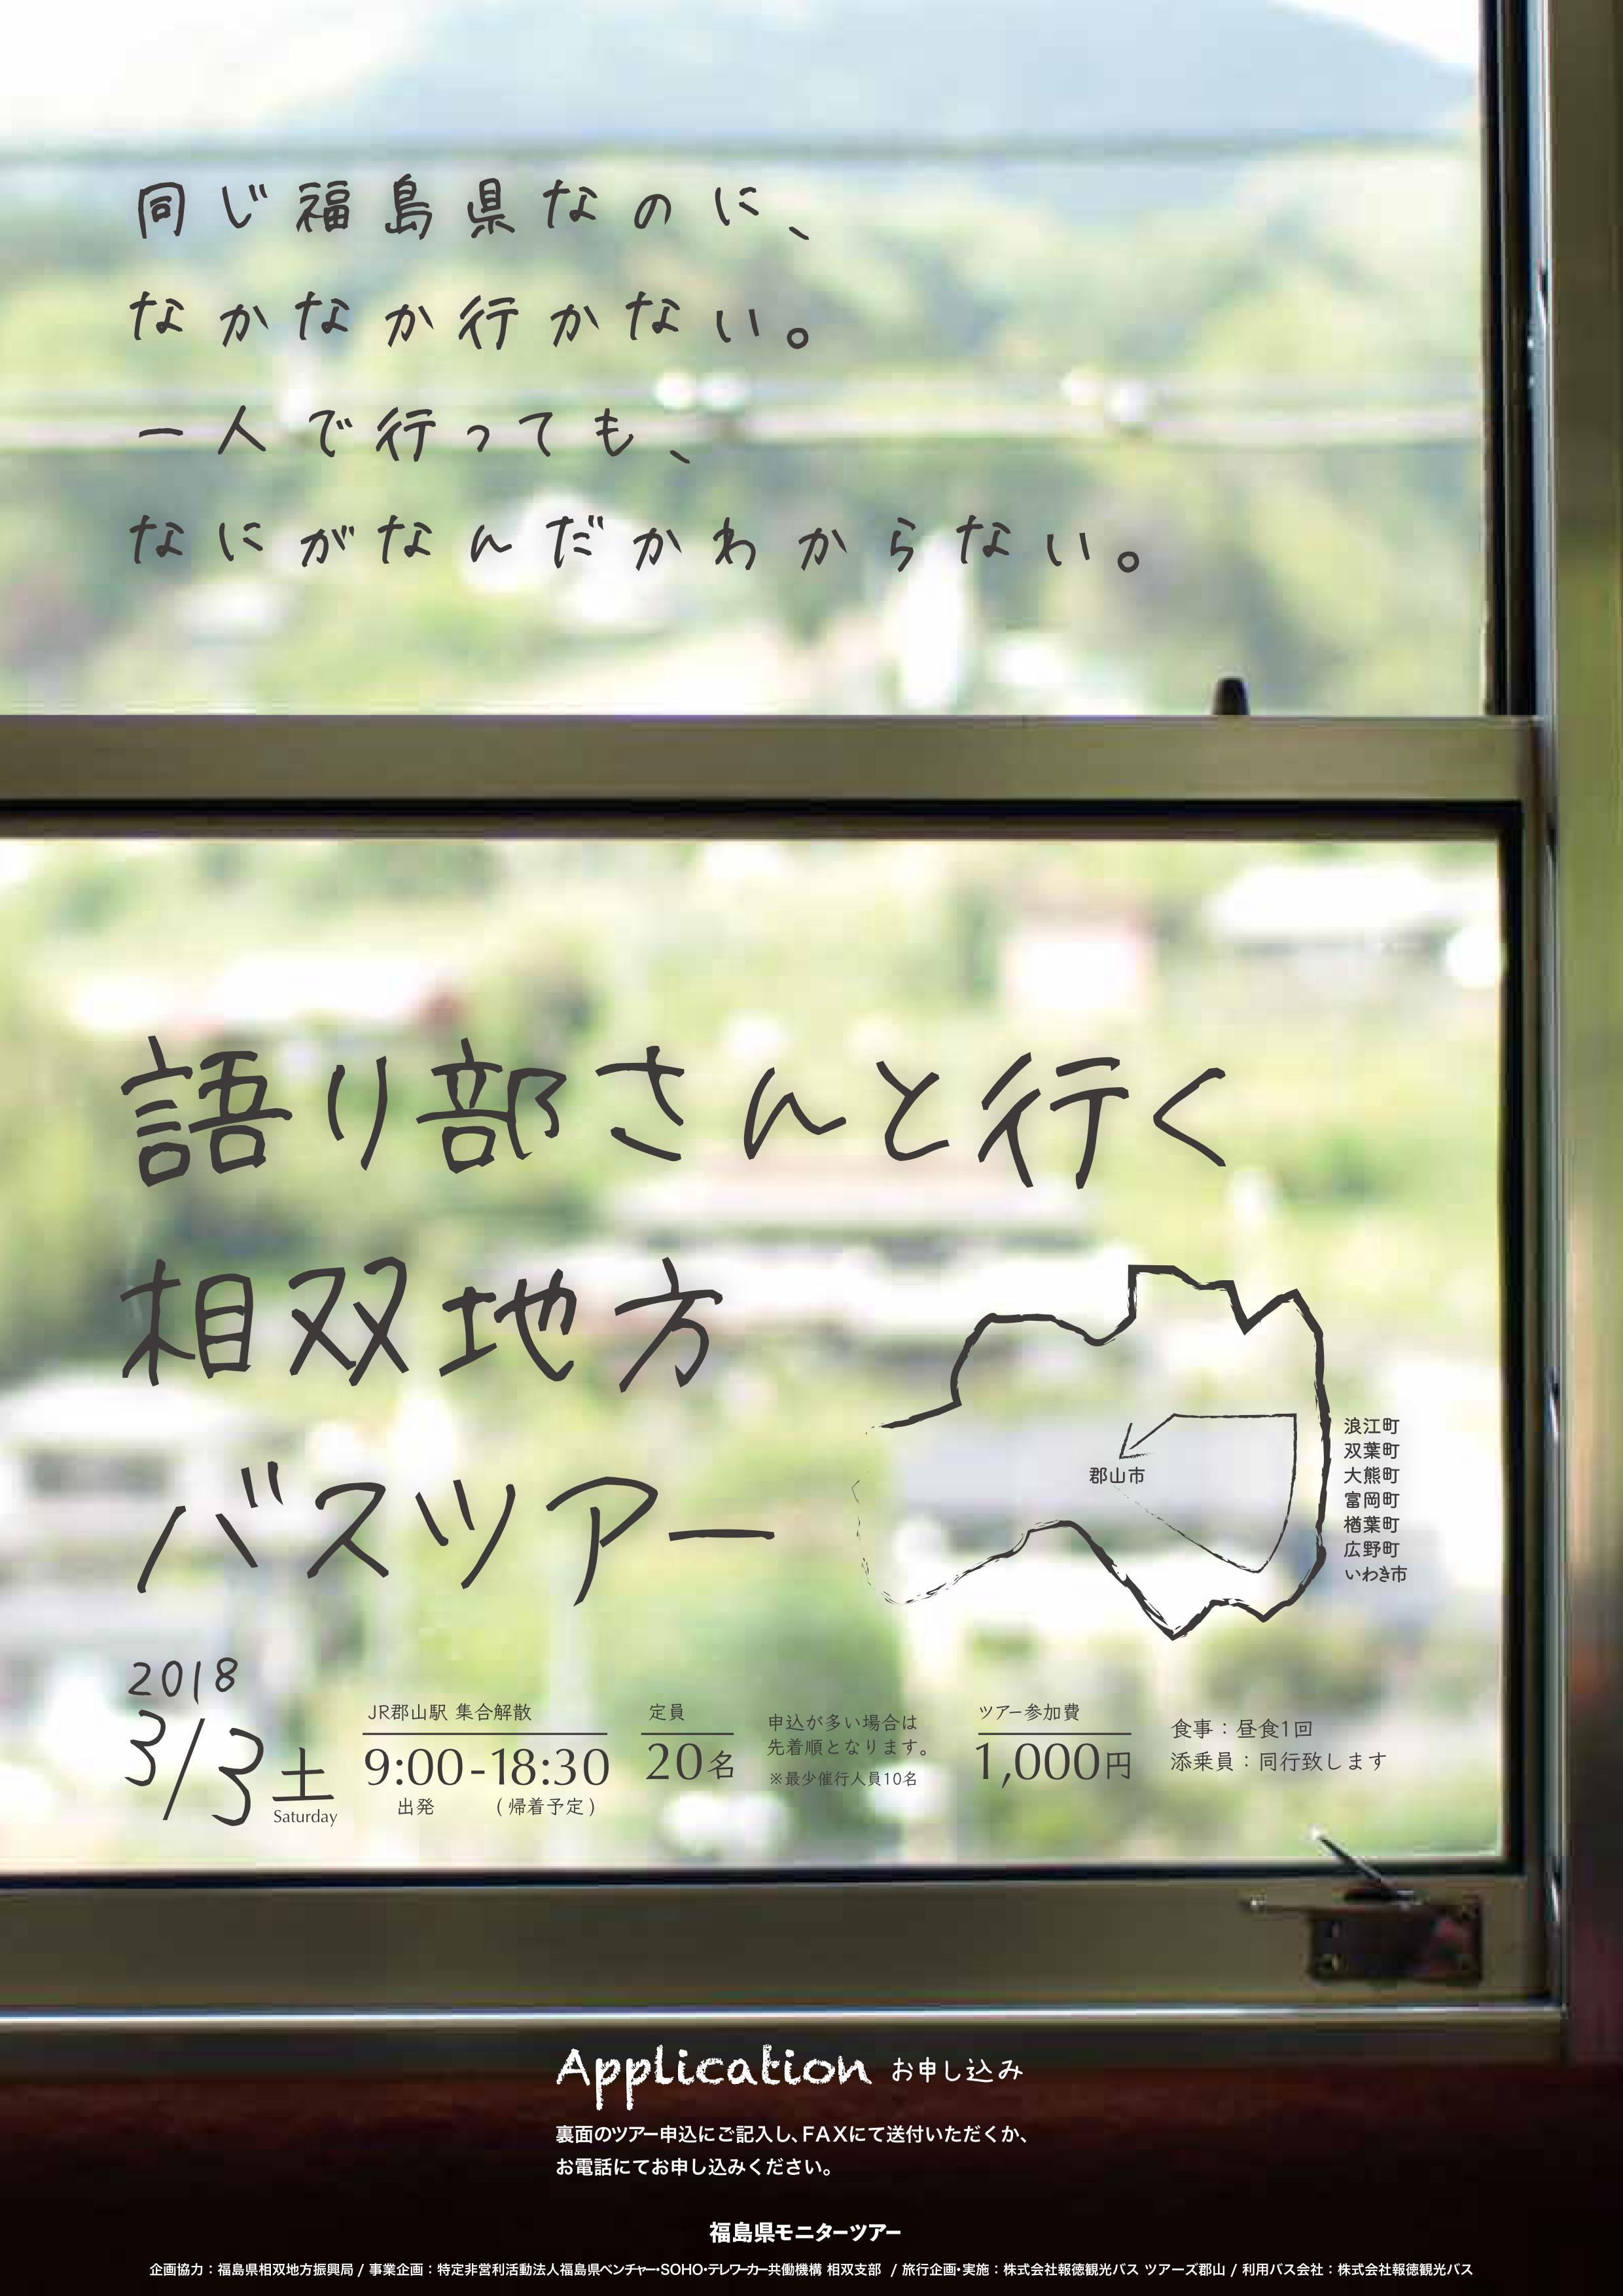 2018.3.3語り部さんと行く相双地方バスツアー